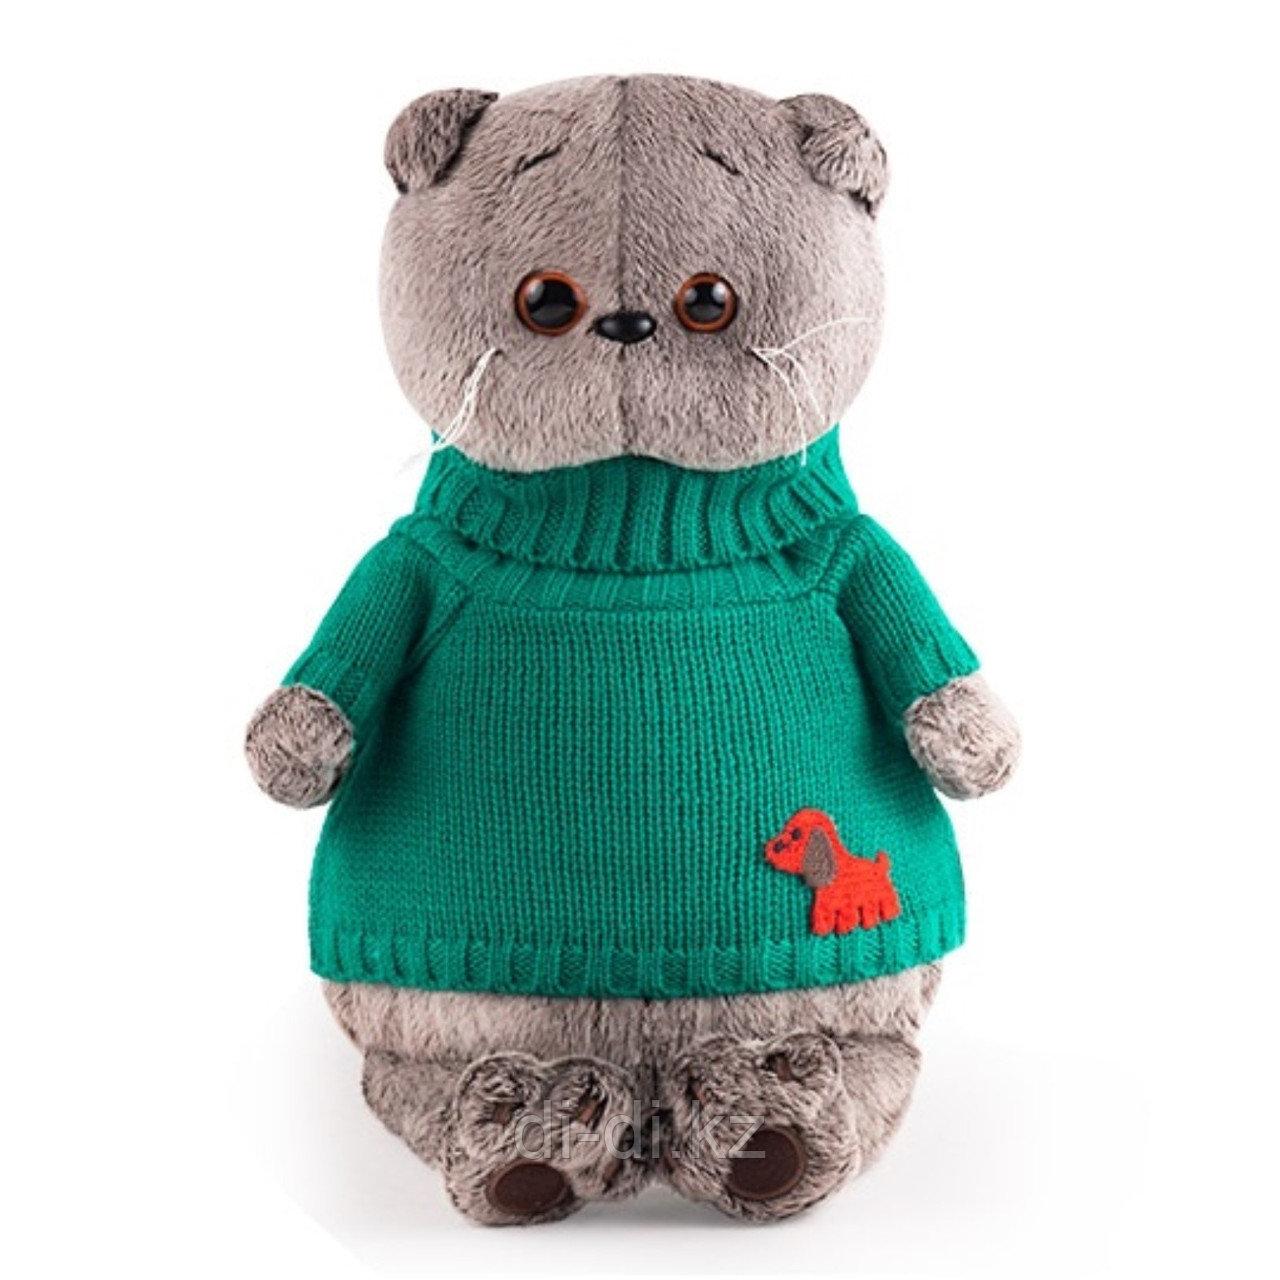 """Мягкая игрушка """"Басик в зеленом свитере с собачкой"""", 25 см"""